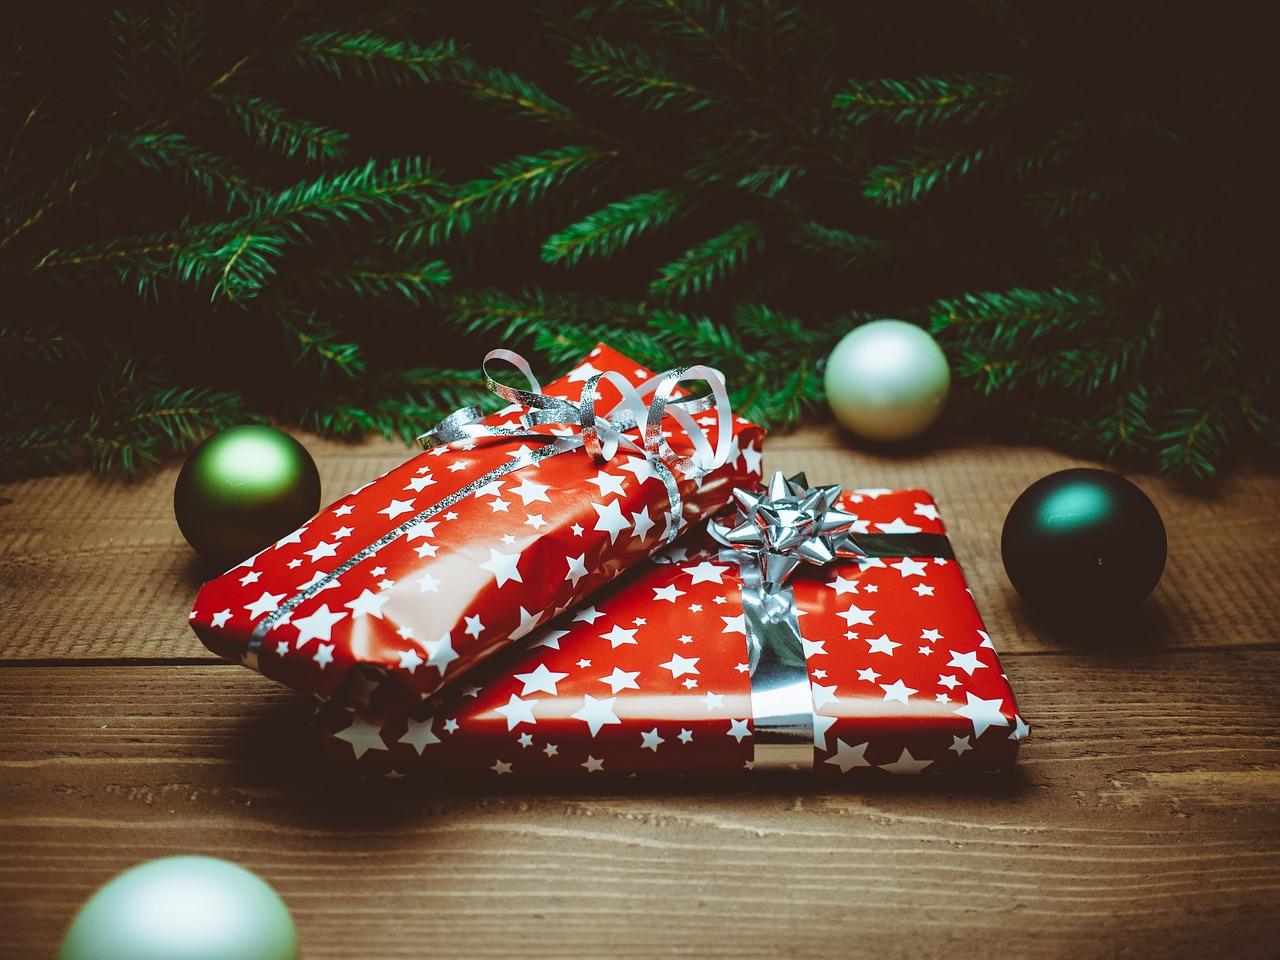 6 gợi ý để tăng tỷ lệ chuyển đổi khách hàng mùa Giáng sinh